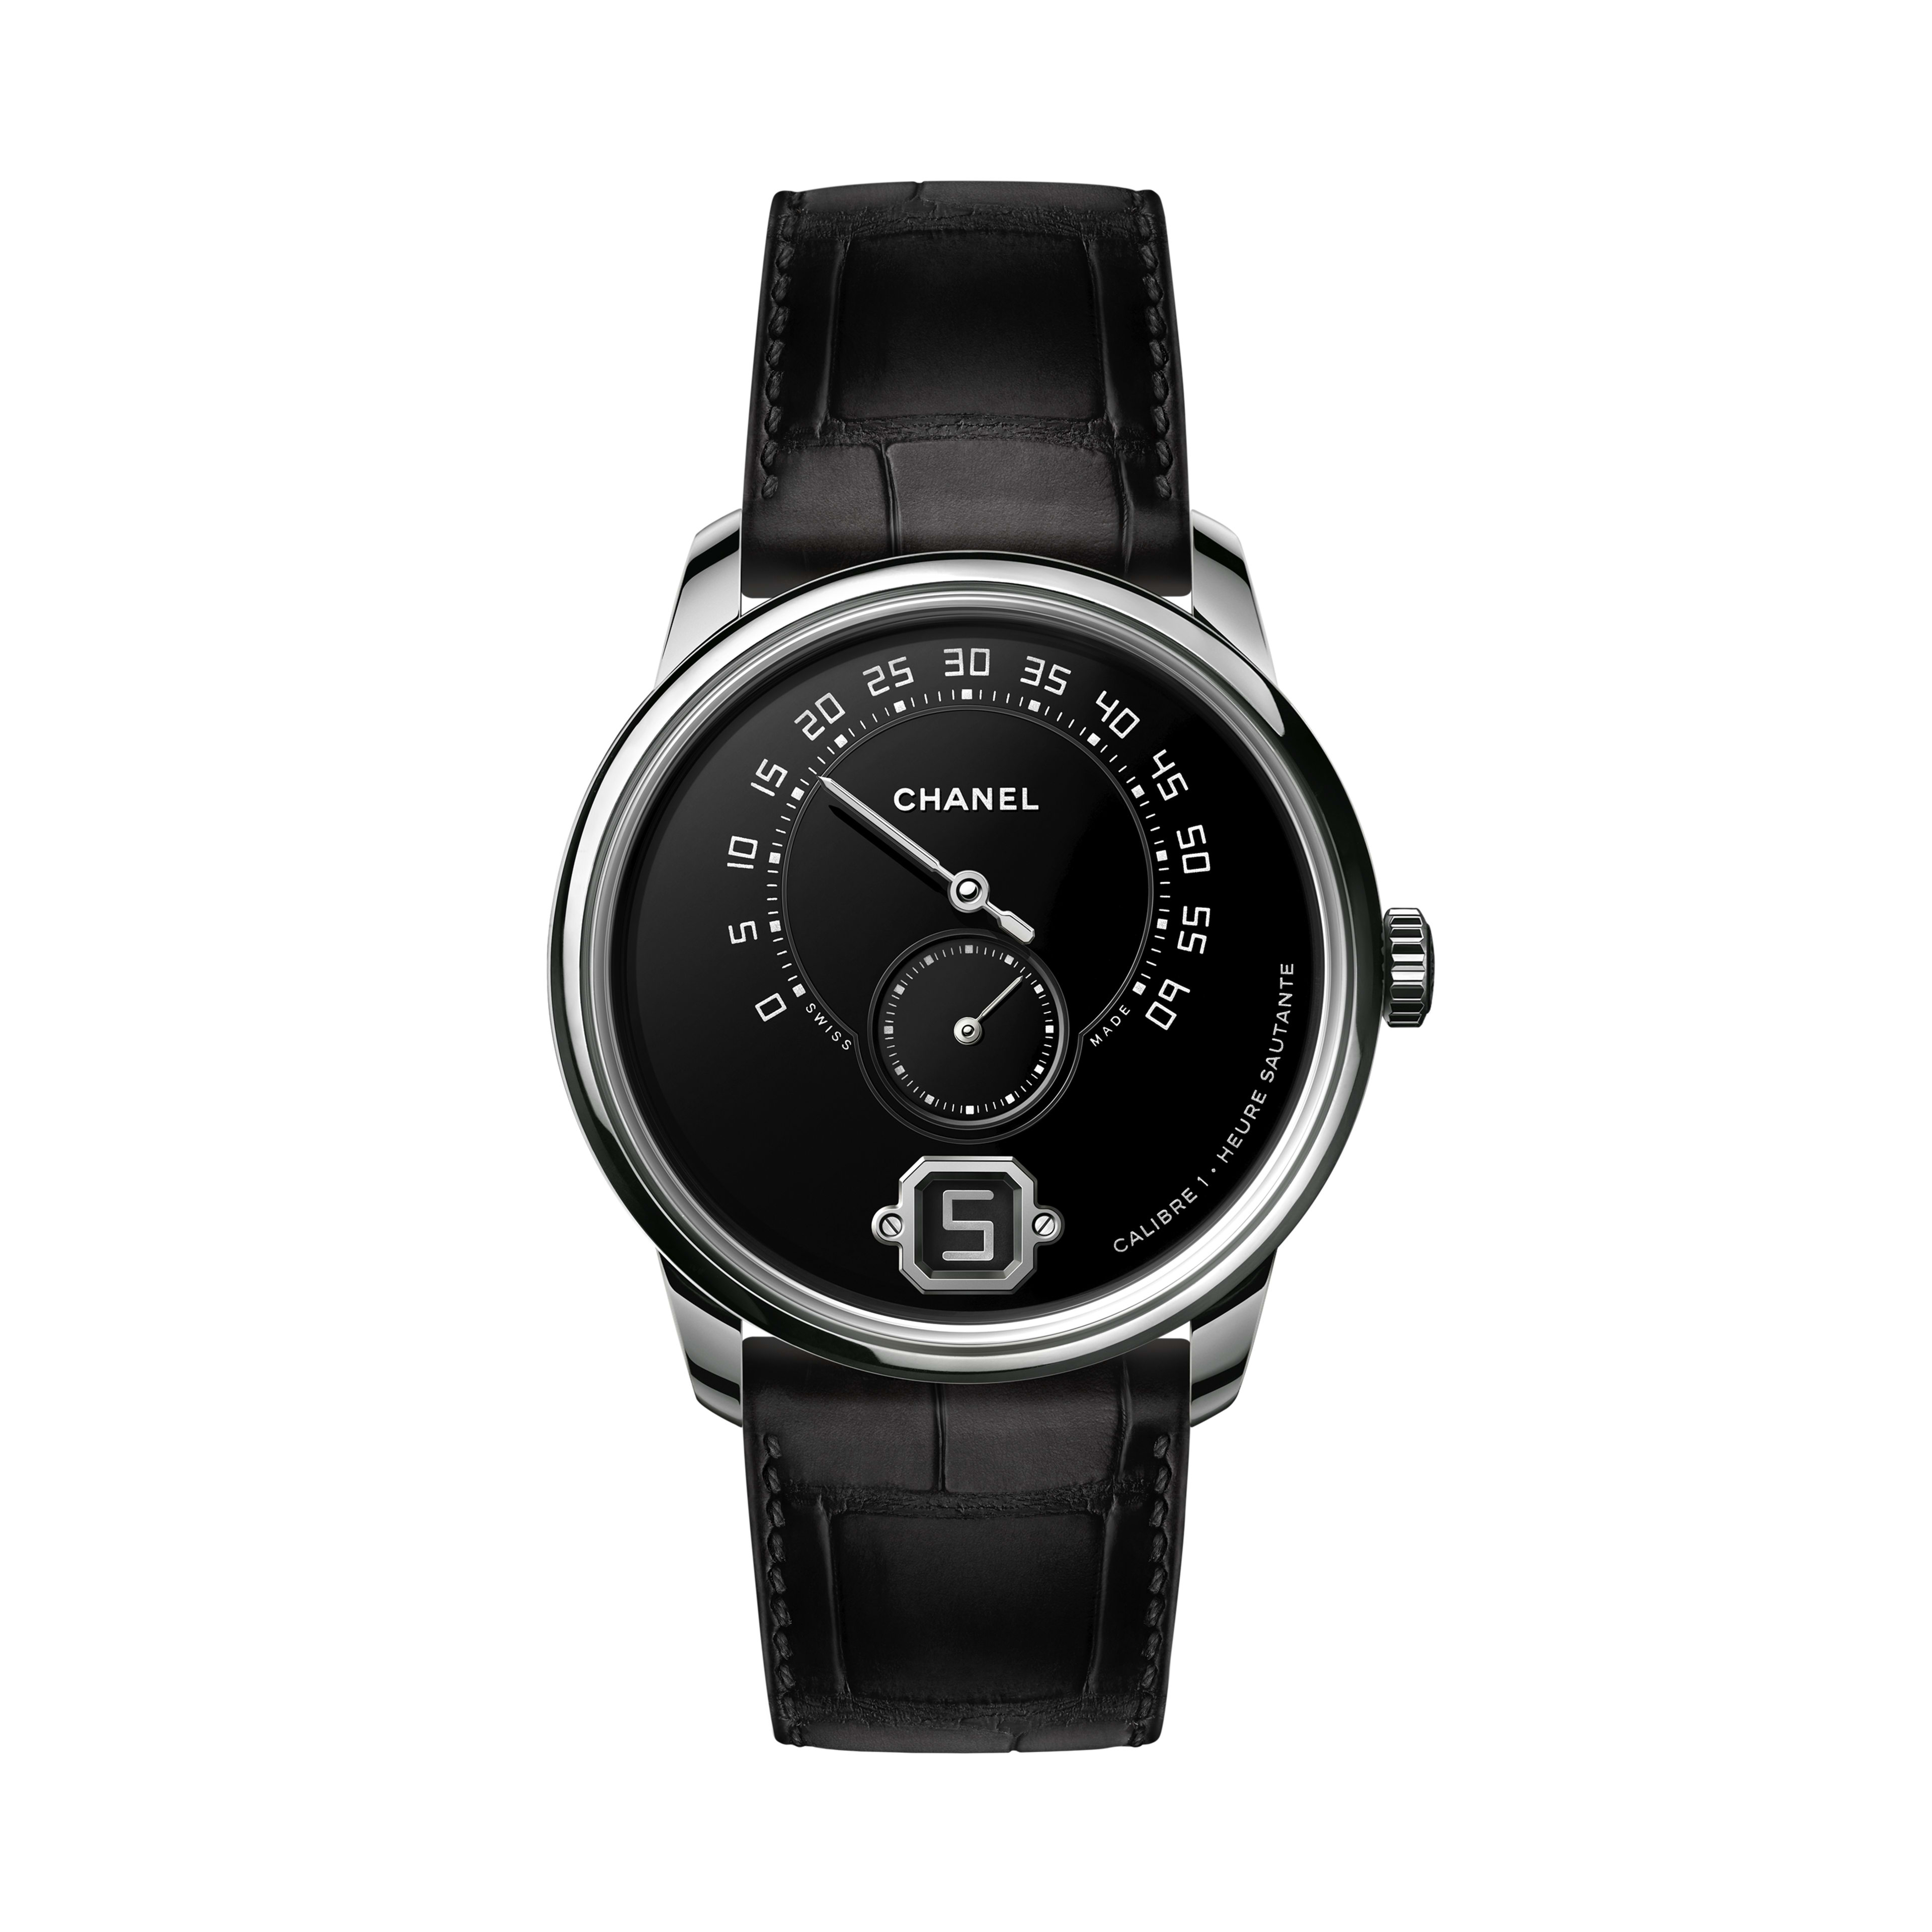 Montre Monsieur De Chanel - H5488 | Chanel pour Monsieur Le Montre